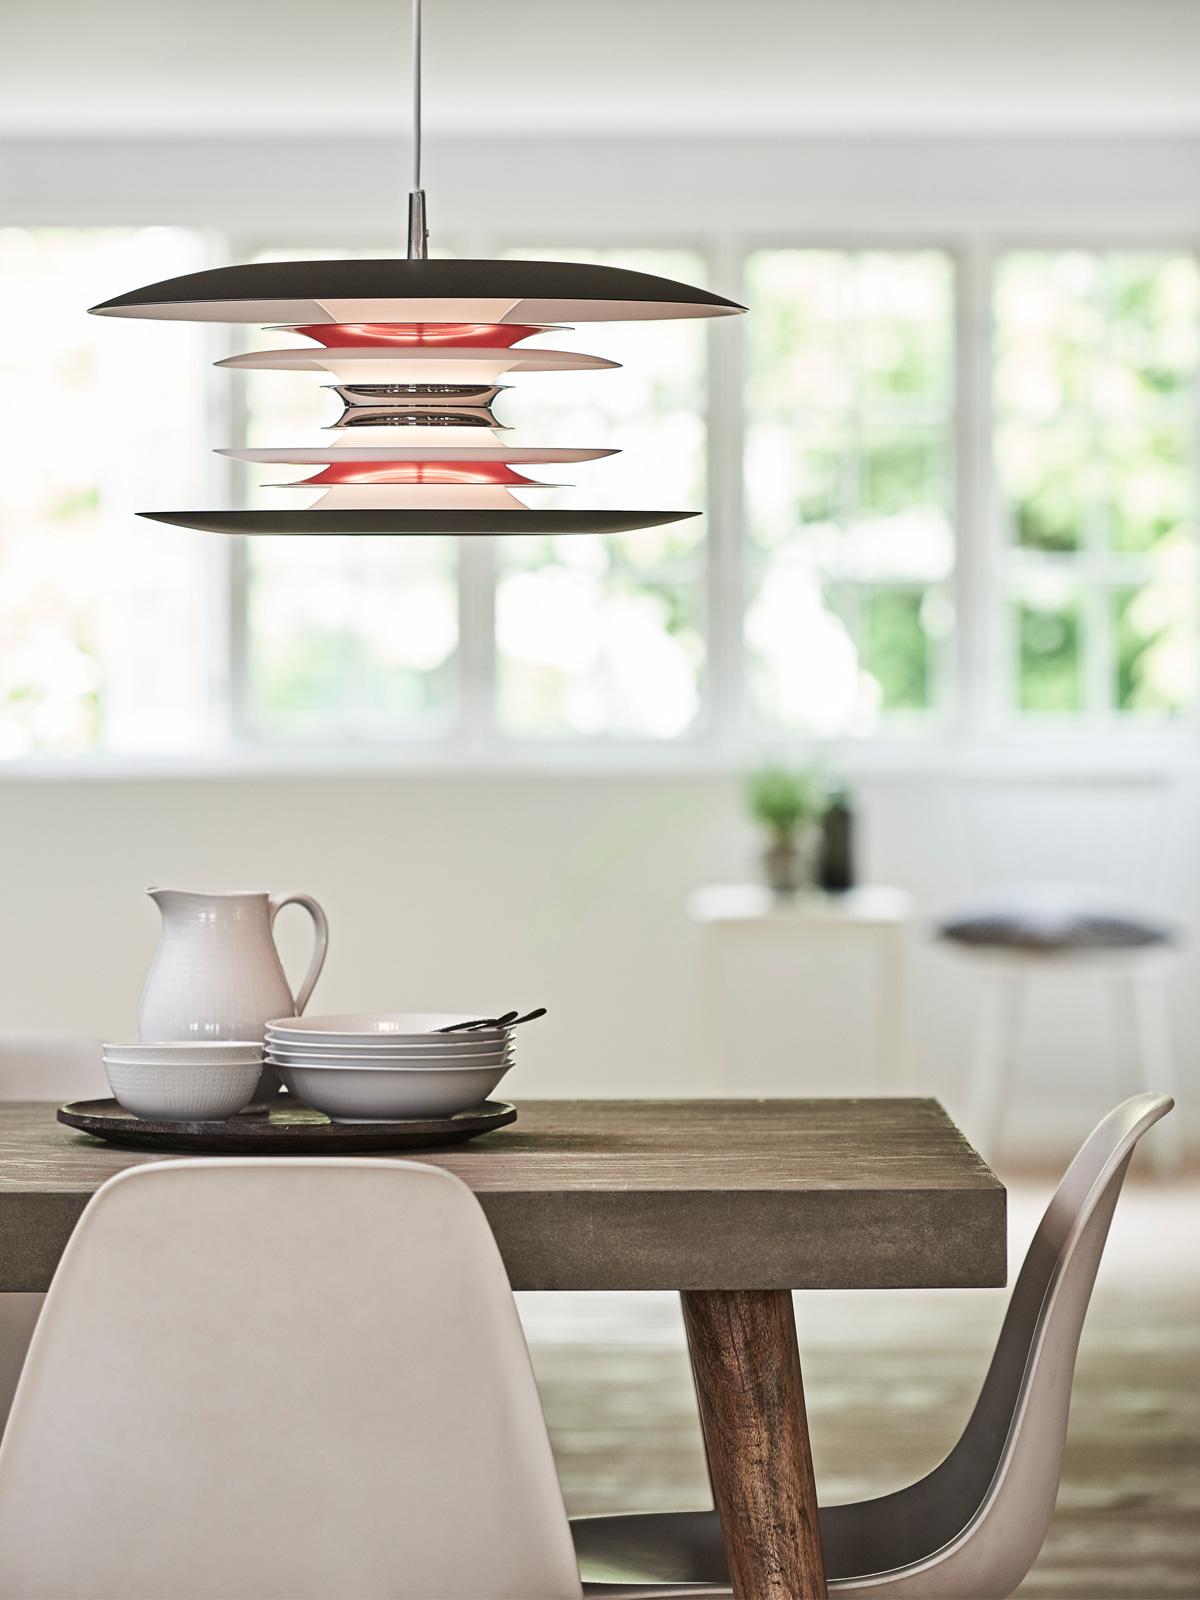 DesignOrt Blog: Neue Leuchten für den Esstisch Belid Diablo Designerleuchte für blendfreies Licht